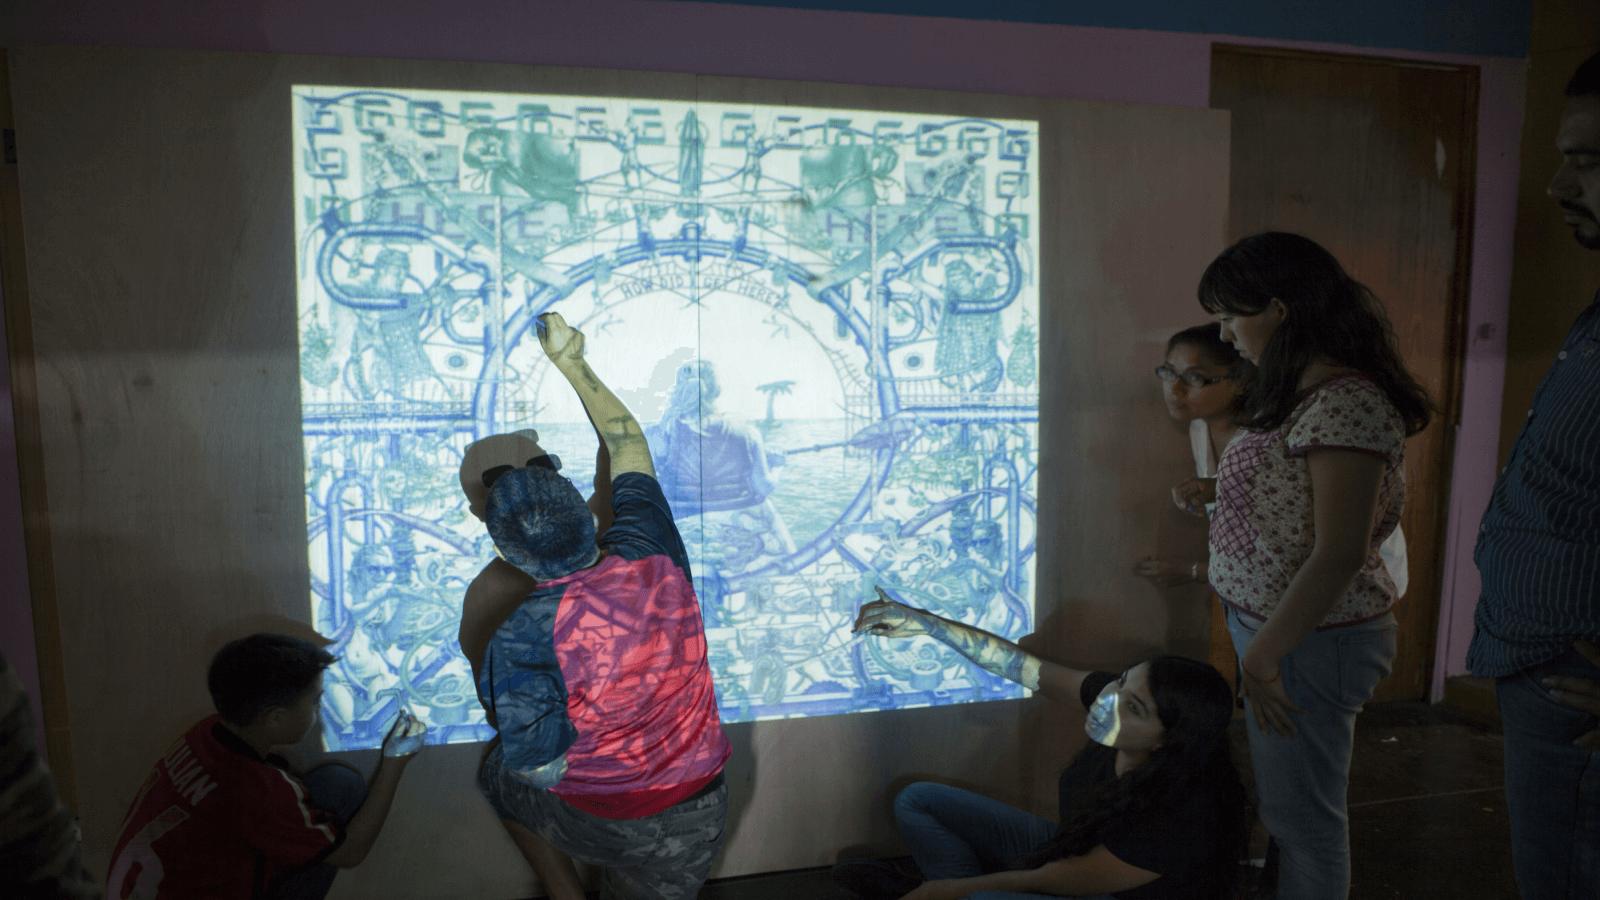 Murales interactivos: una iniciativa para generar comunidad en la CDMX